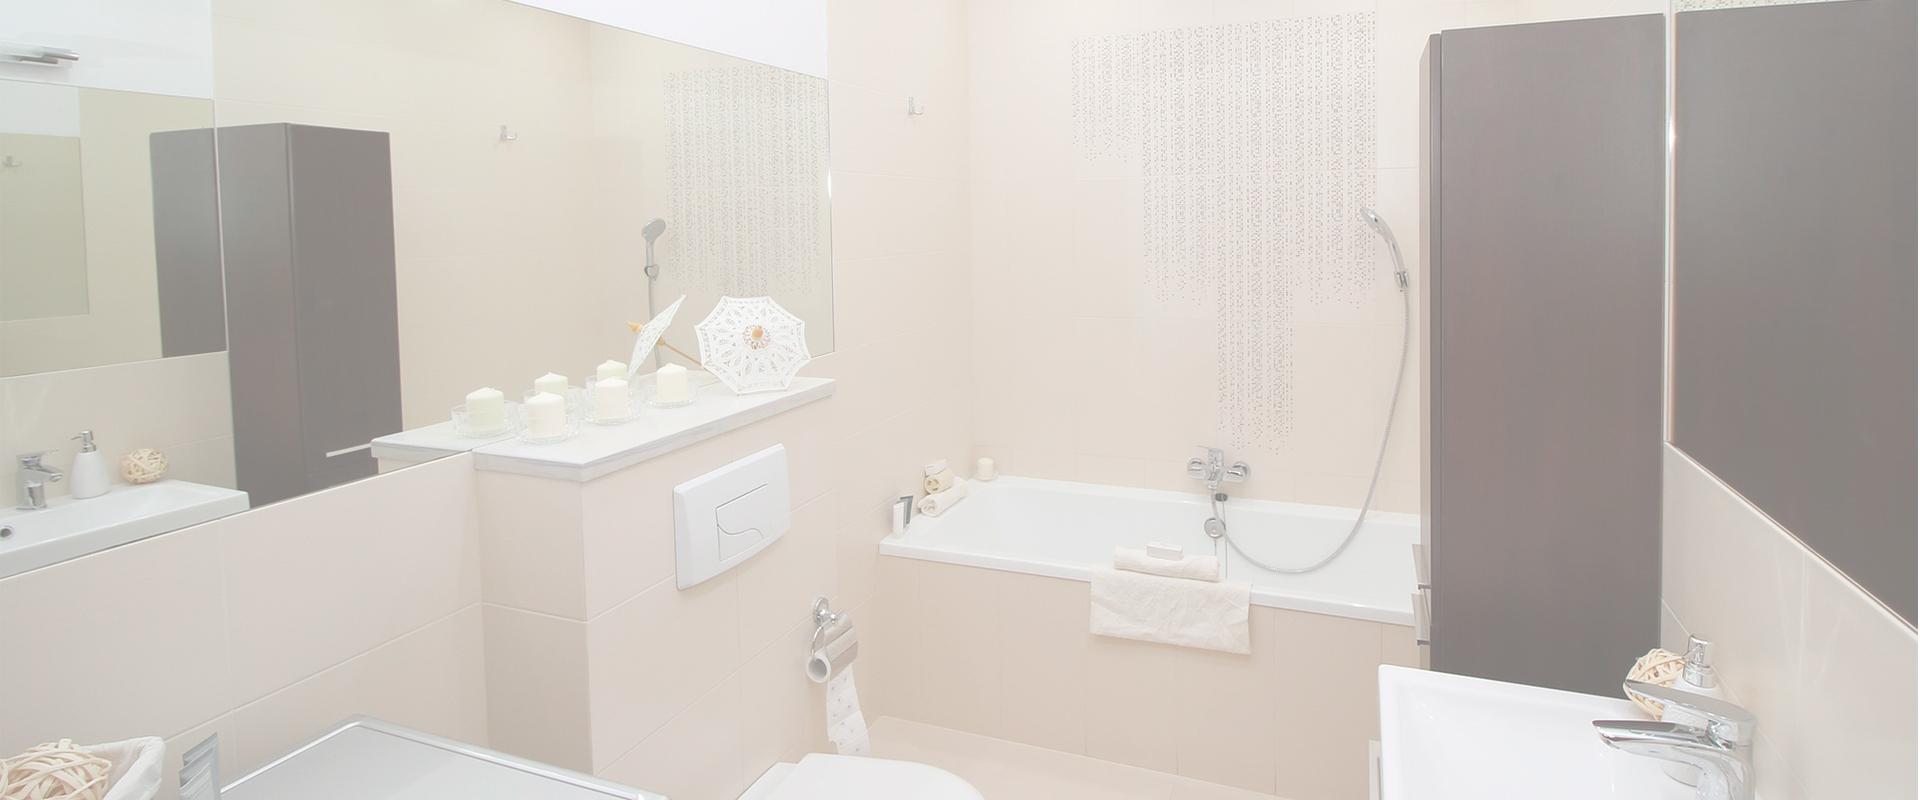 reformar el baño profesionales madrid